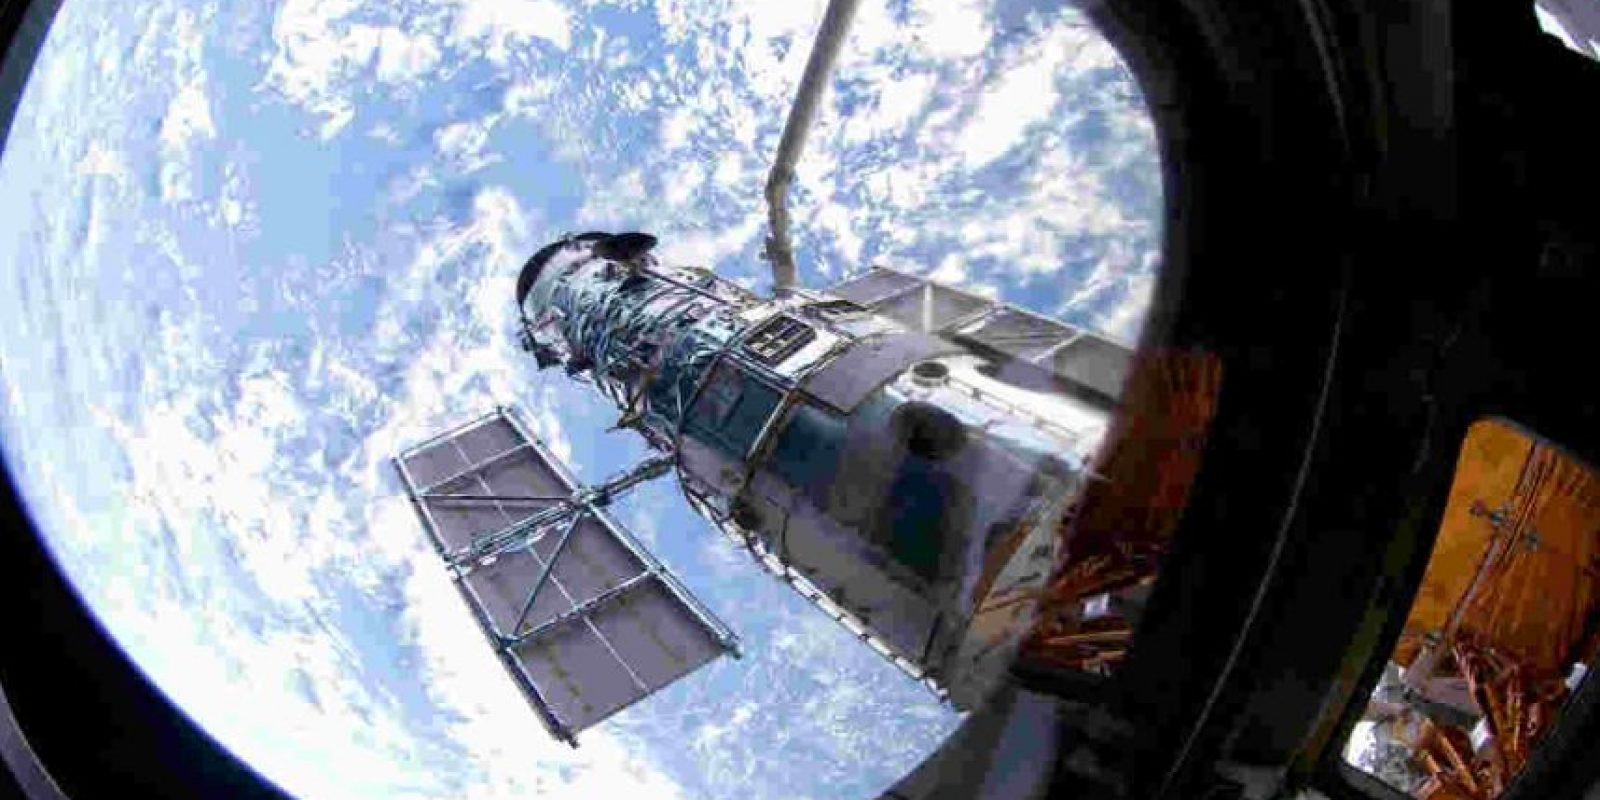 Fue puesto en órbita el 24 de abril de 1990. Foto:Getty Images